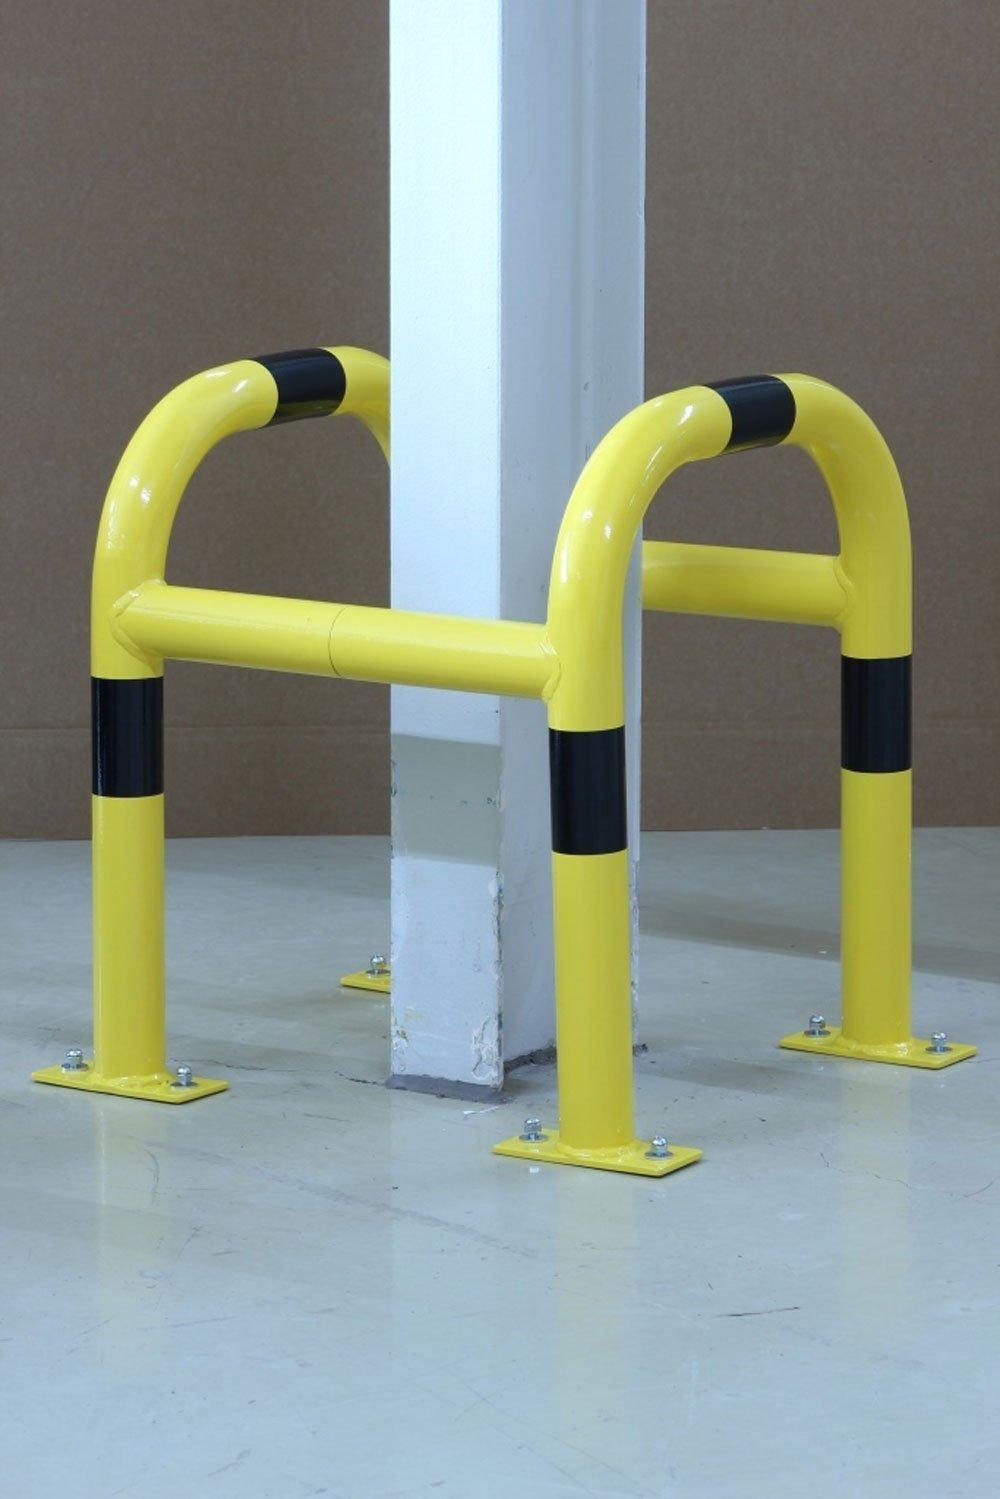 altezza 600/mm in acciaio rivestito zincato per esterni misura 520/mm Doc a scatto su pilastri di lato e montanti